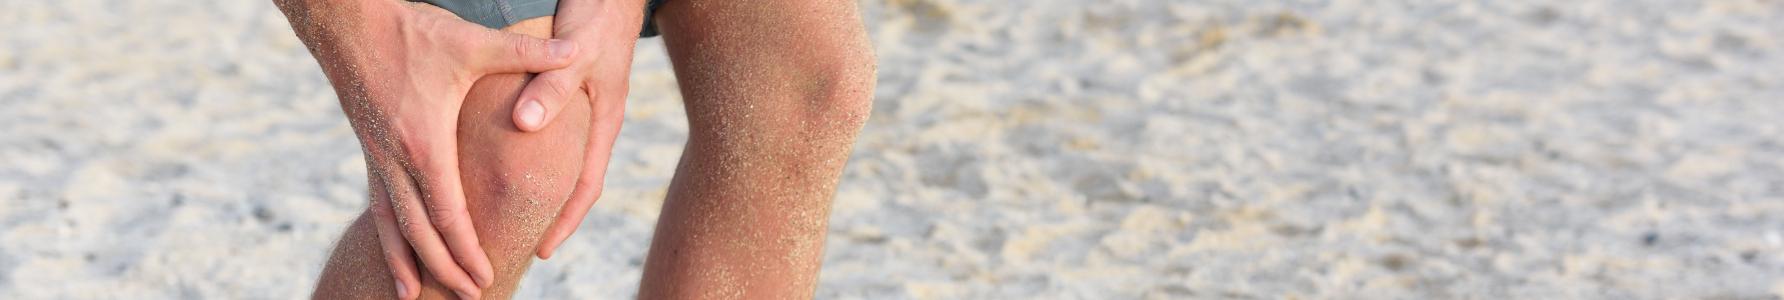 Objawy kolana skoczka - mężczyzna grający w siatkówkę plażową trzymający się za bolące kolano.